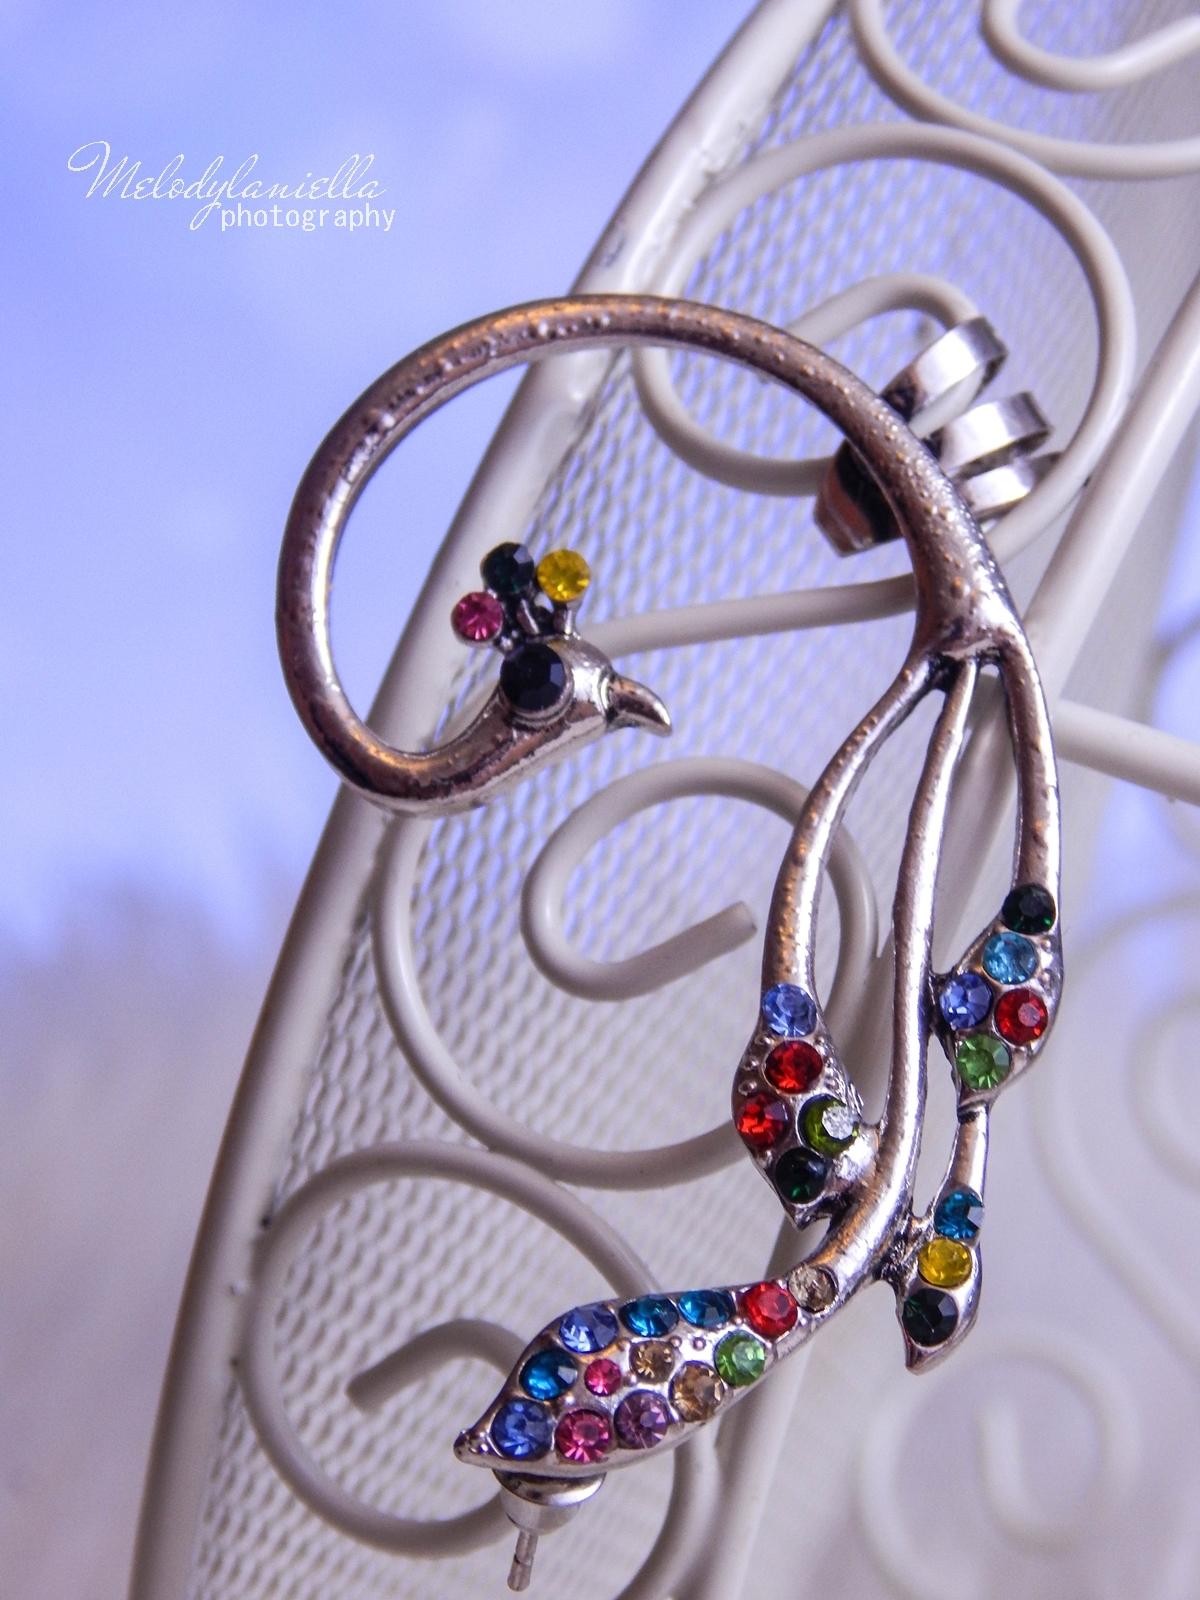 1 Biżuteria z chińskich sklepów sammydress kolczyk nausznica naszyjnik wisiorki z kryształkiem świąteczna biżuteria ciekawe dodatki stylowe zegarki pióra choker chokery złoty srebrny złoto srebro obelisk